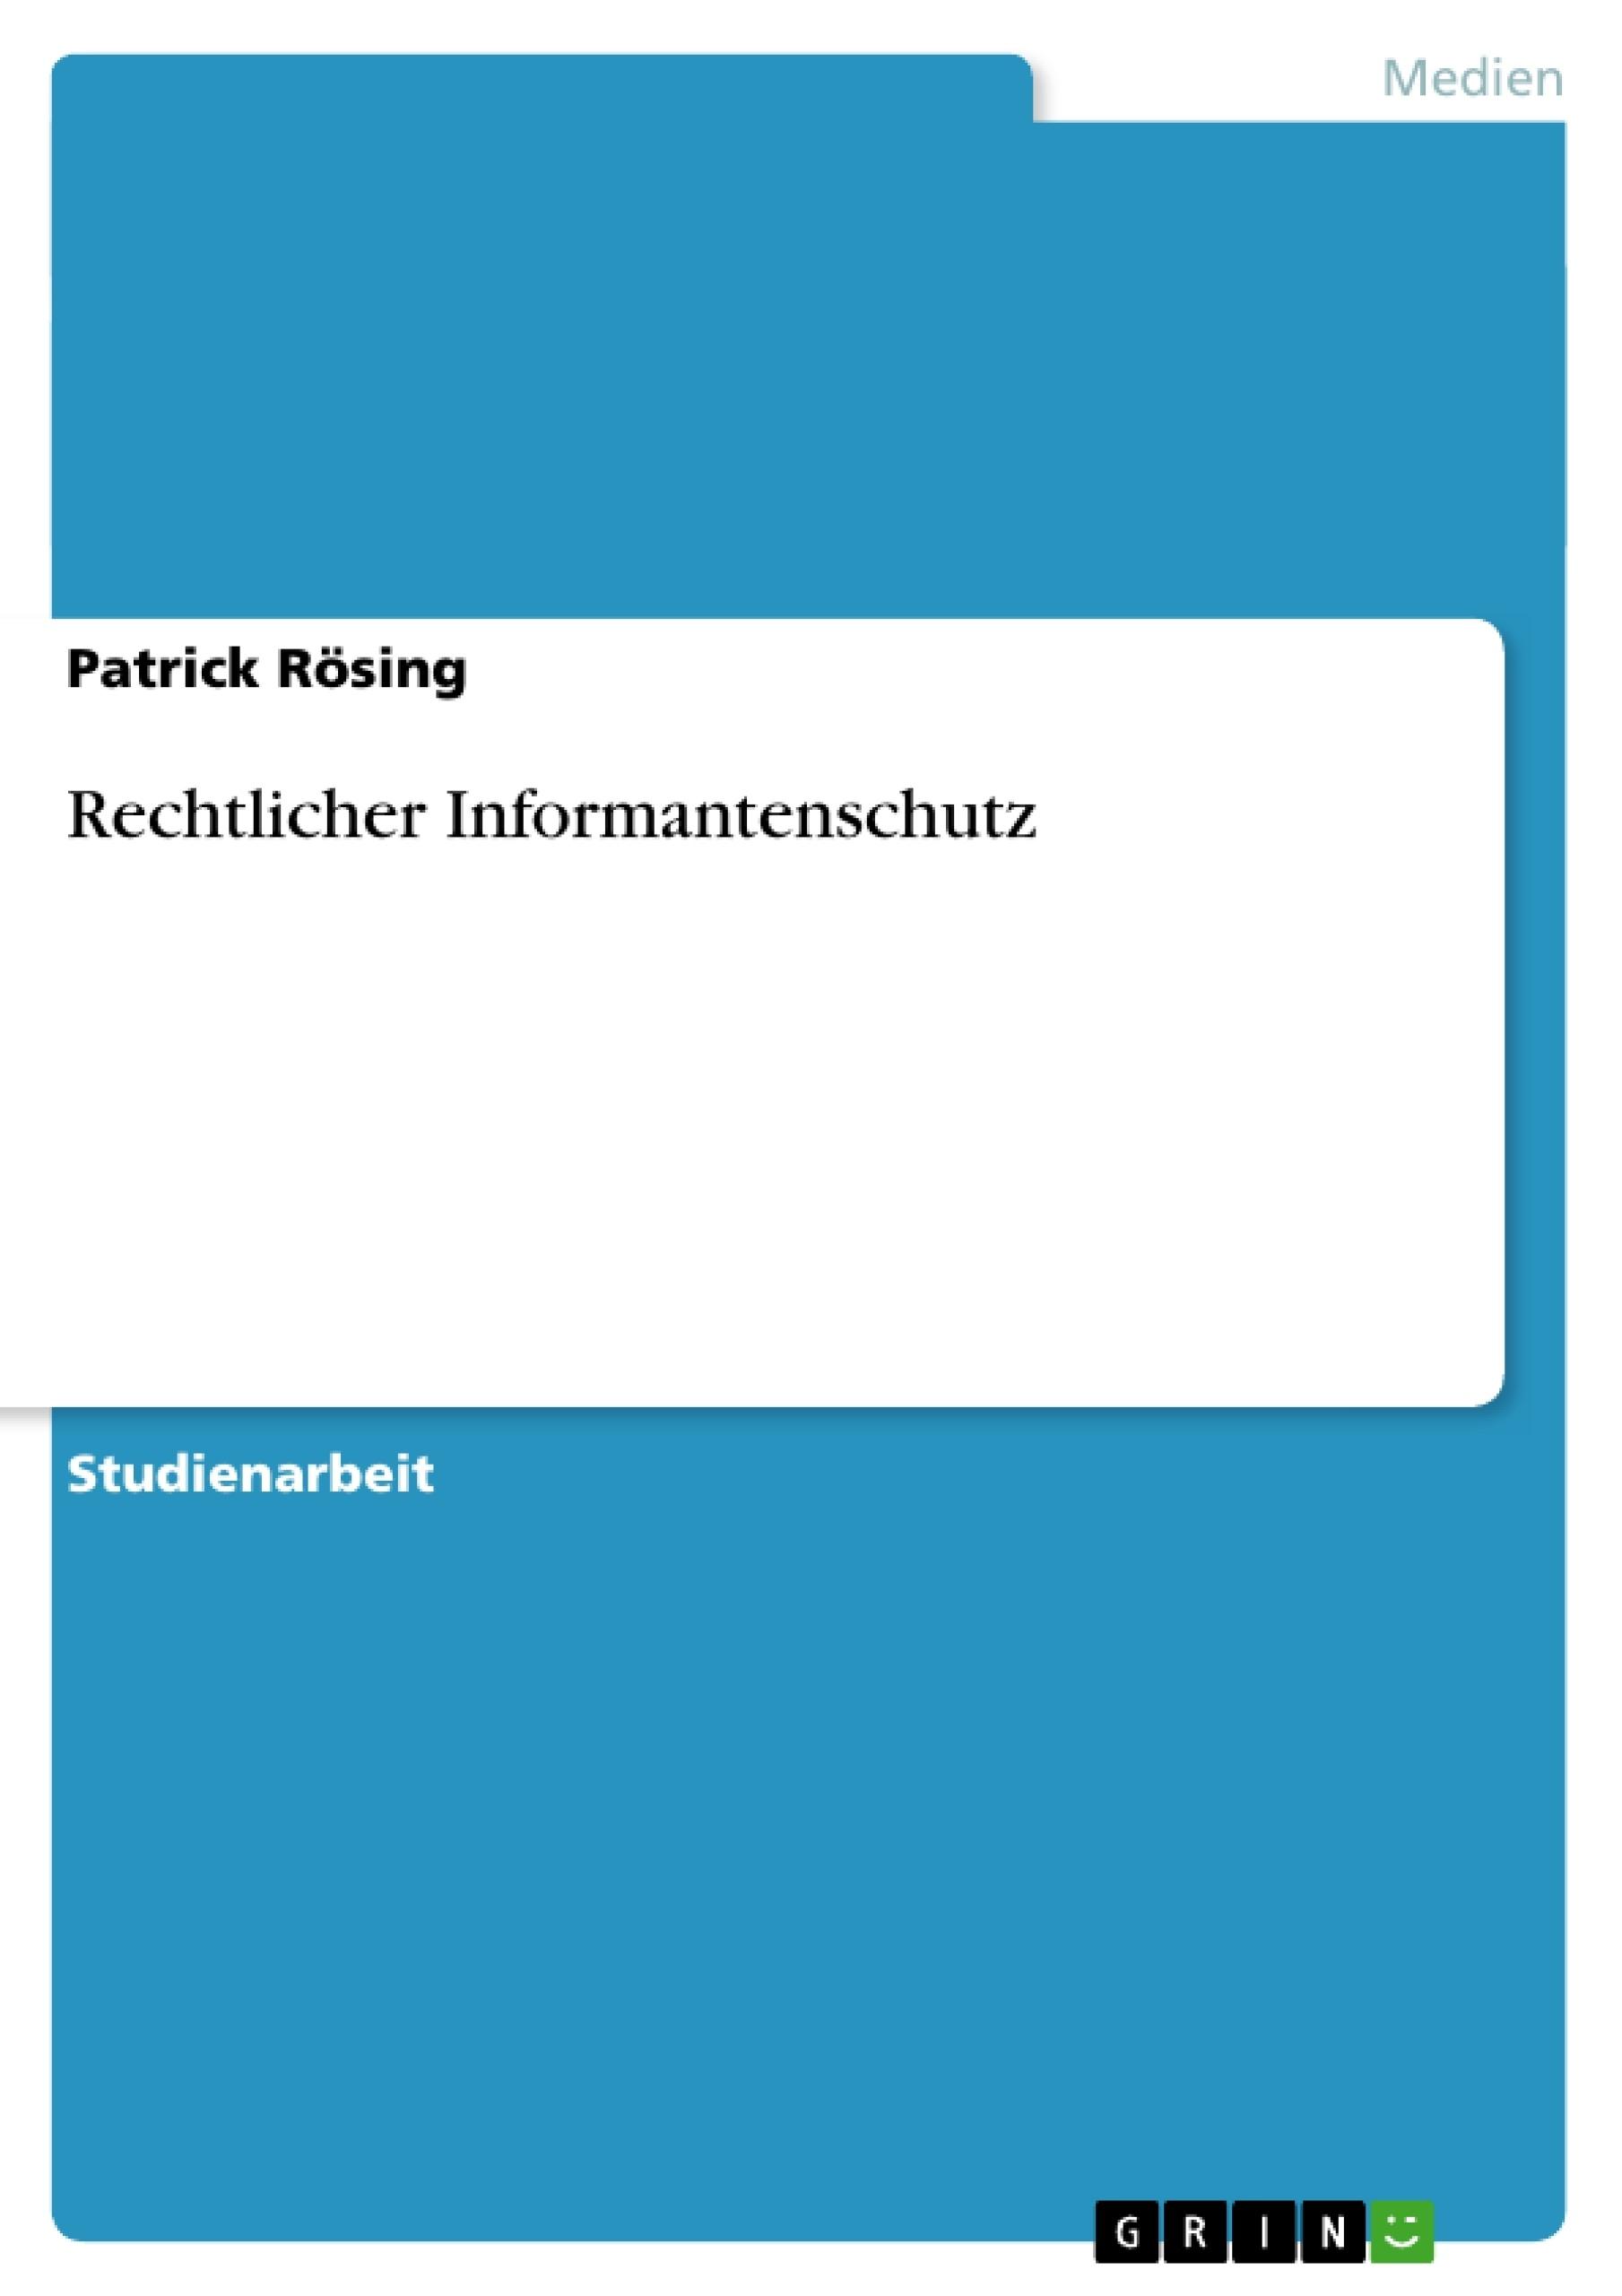 Titel: Rechtlicher Informantenschutz